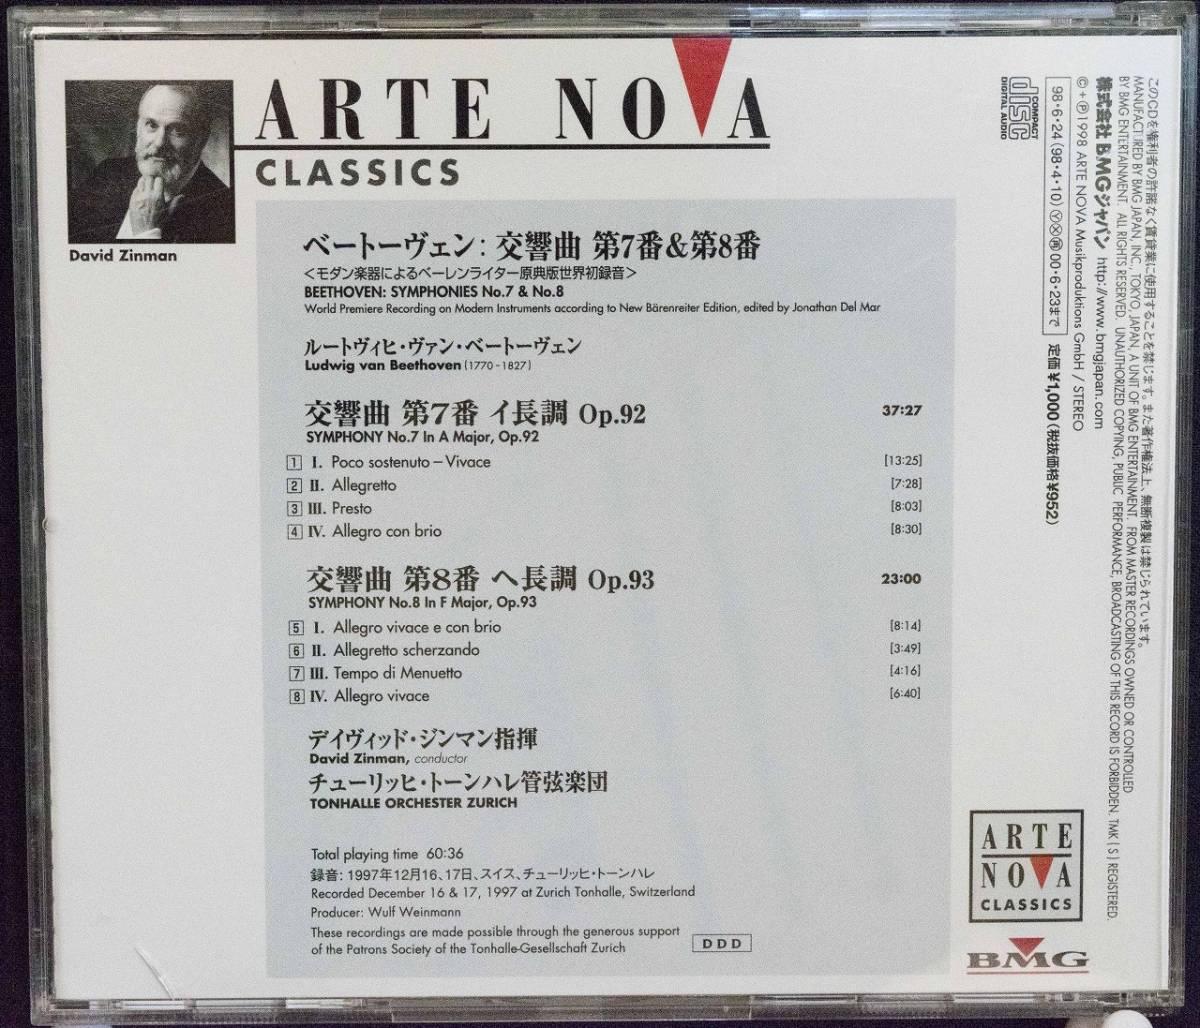 ベートーヴェン: 交響曲第7番・第8番 / ジンマン指揮、チューリヒ・トーンハレ_画像2